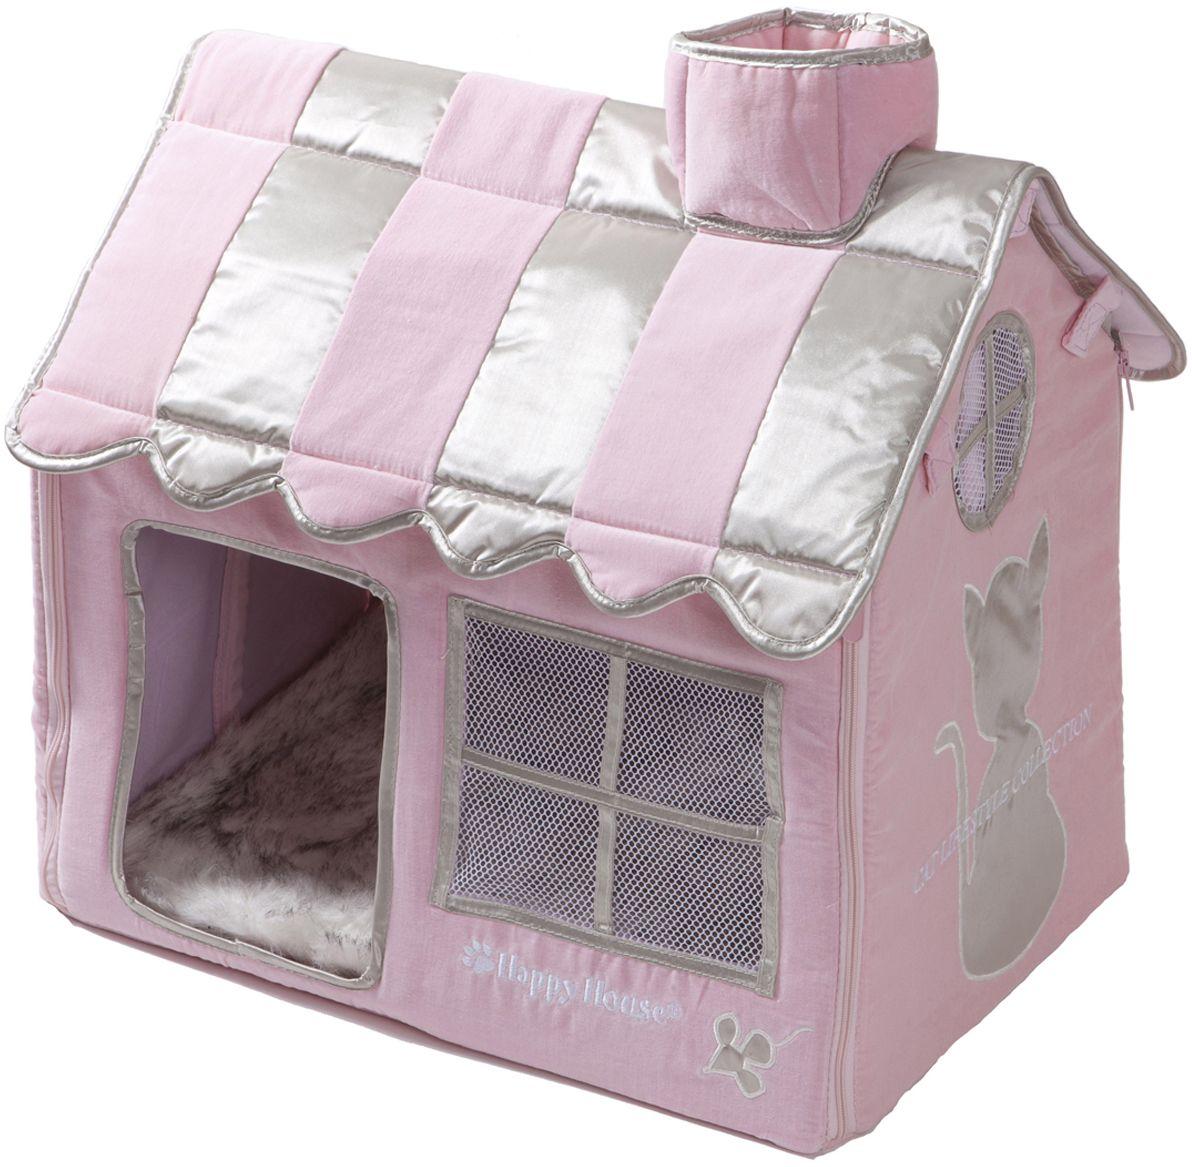 Домик для кошек Happy House Cat Lifestyle, цвет: розовый, 52 х 36 х 49 см8475-1Большой, уютный домик Happy House Cat Lifestyle, выполненный из полиэстера и картона, отлично подойдет для вашего любимца. Такой домик станет не только идеальным местом для сна вашего питомца, но и местом для отдыха. Внутрь домика ведет квадратное отверстие. Мягкий домик с оригинальным дизайном имеет сборную конструкцию, что облегчит его транспортировку и хранение. Внутри имеется съемная подушка из искусственного меха. Размер домика: 52 х 36 х 49 см.